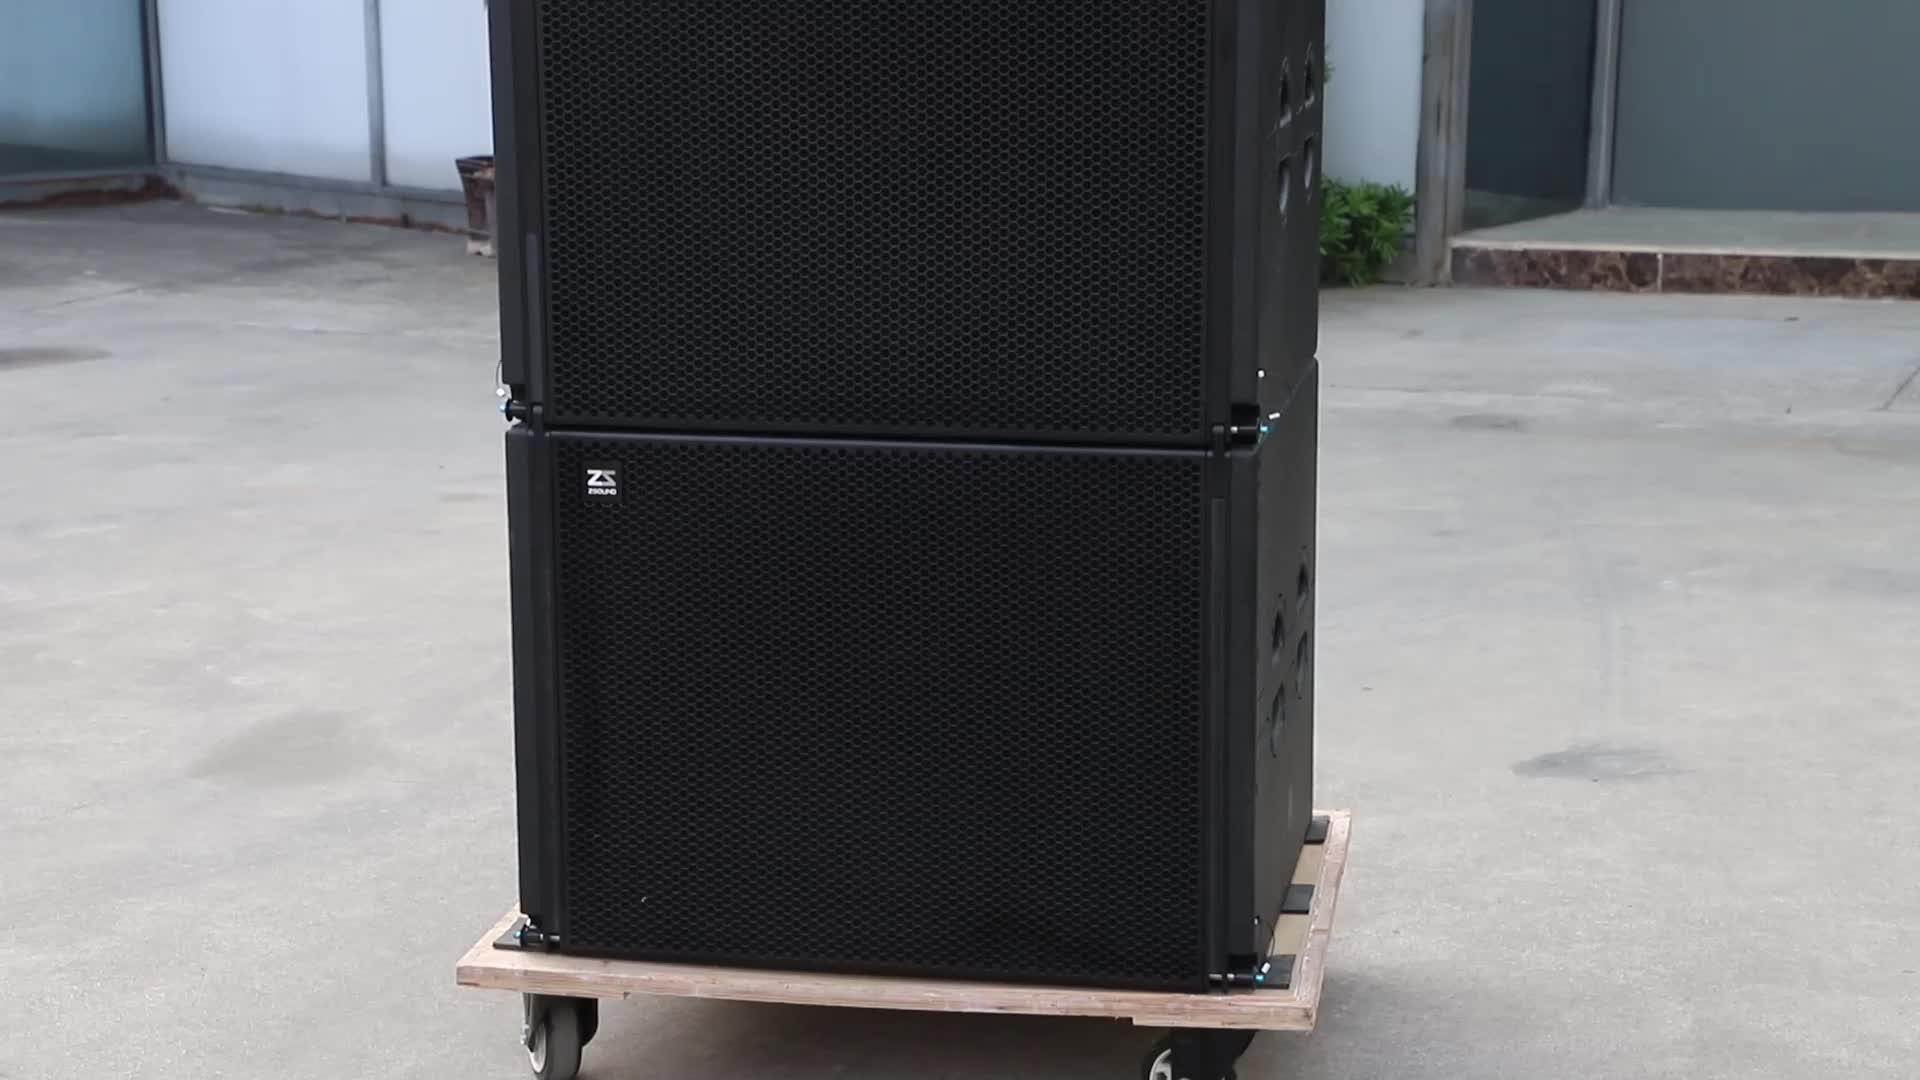 Passif P audio haut-parleurs système double 10 pouces subwoofer haut-parleurs de scène pour le tourisme et l'église